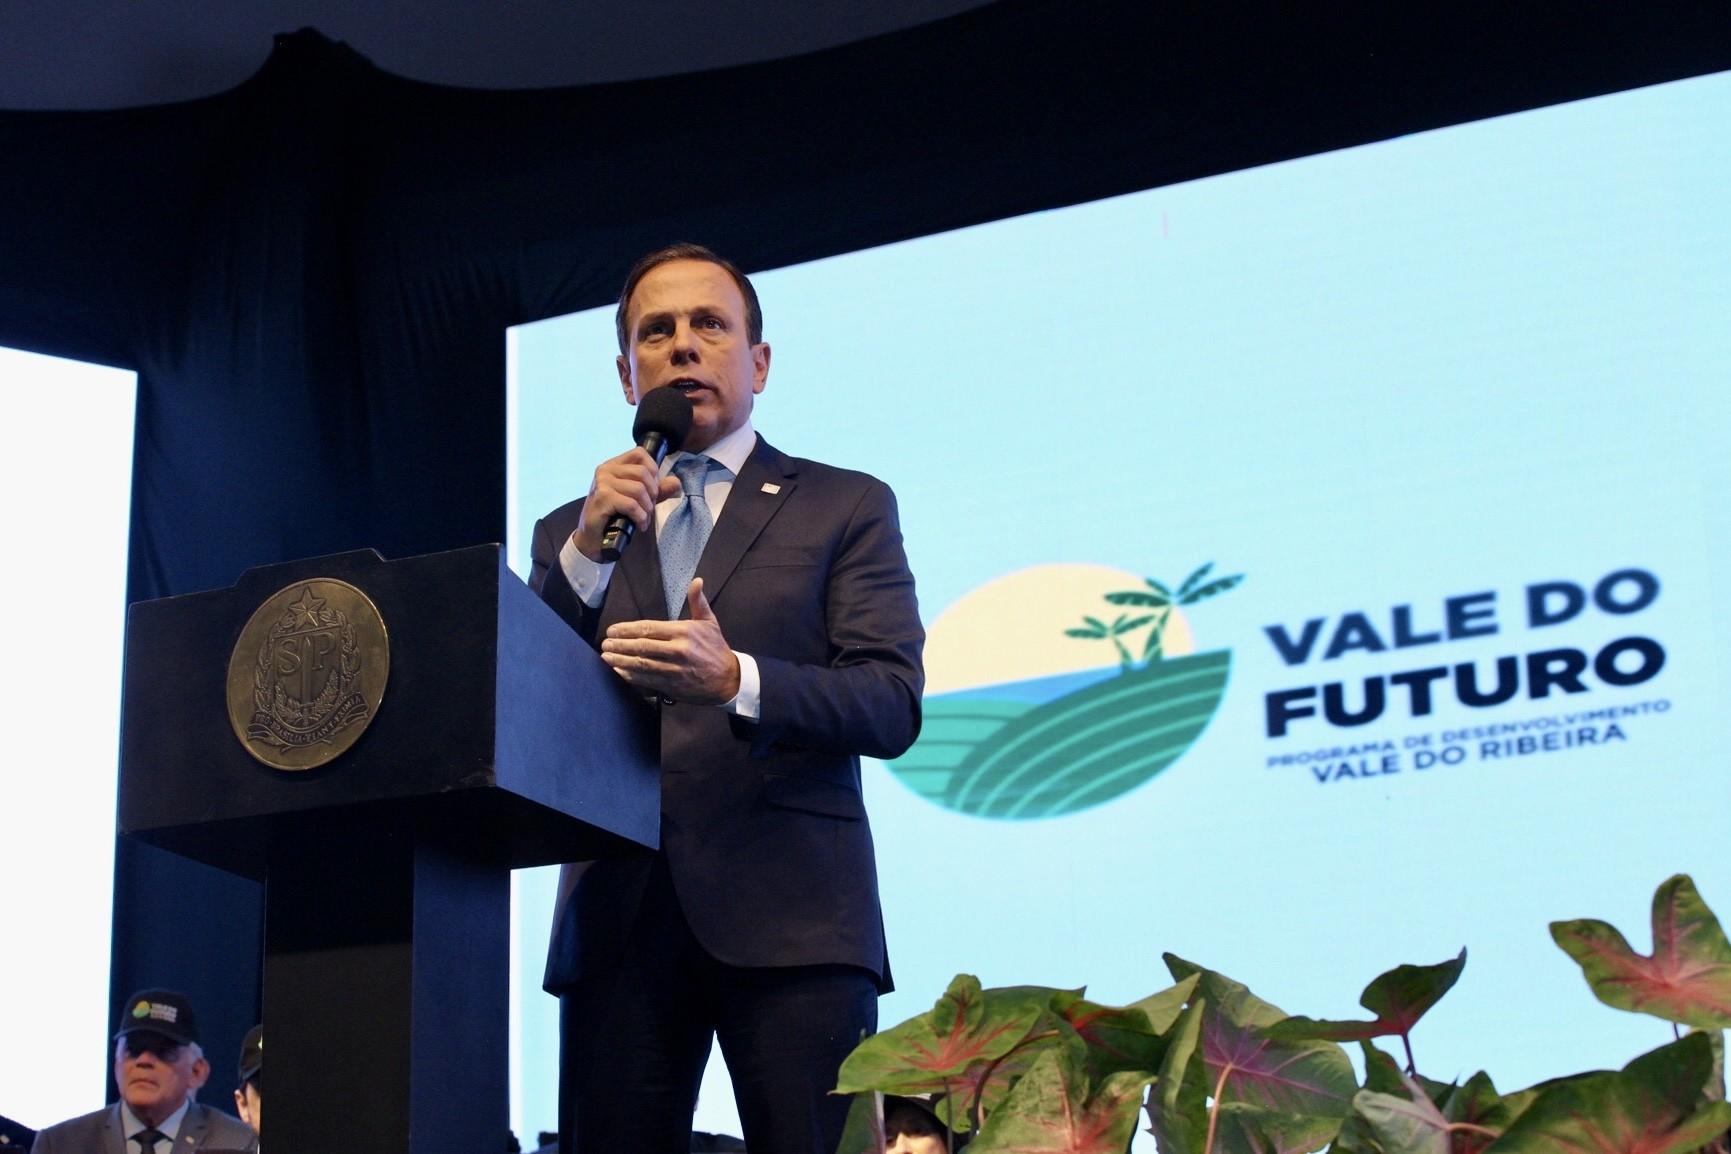 'Vale do Futuro' garante investimento de R$ 2 bilhões no Vale do Ribeira até 2022 - Notícias - Plantão Diário